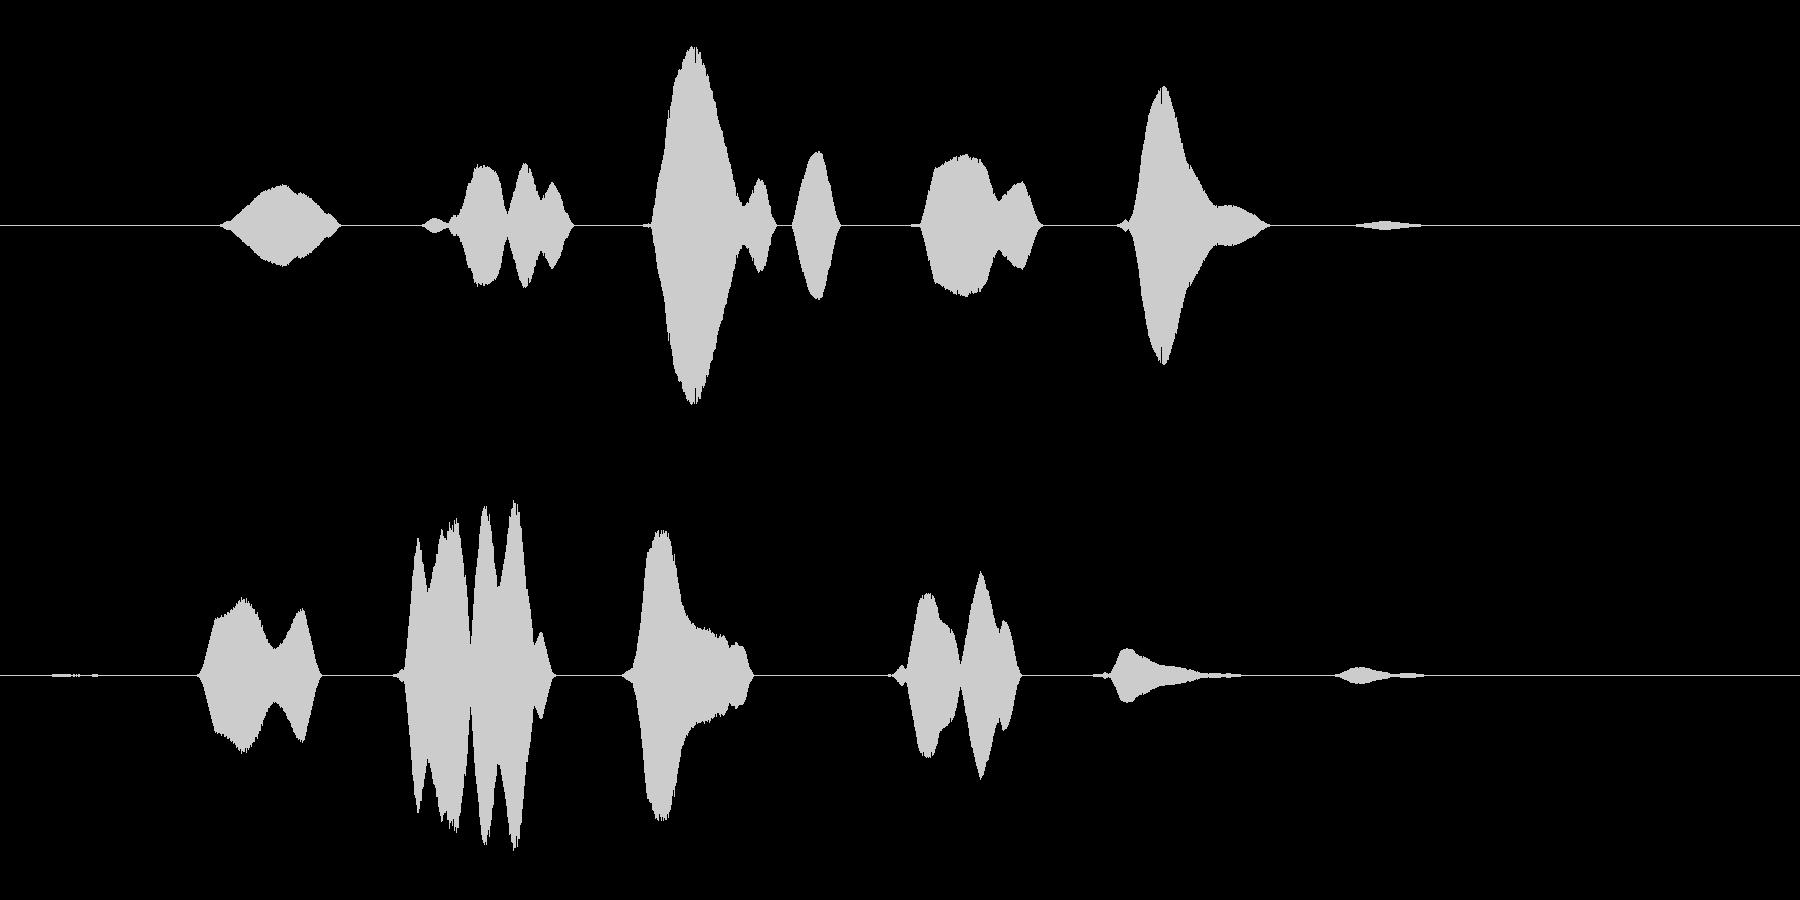 リリリン (涼しげな虫の羽音)の未再生の波形